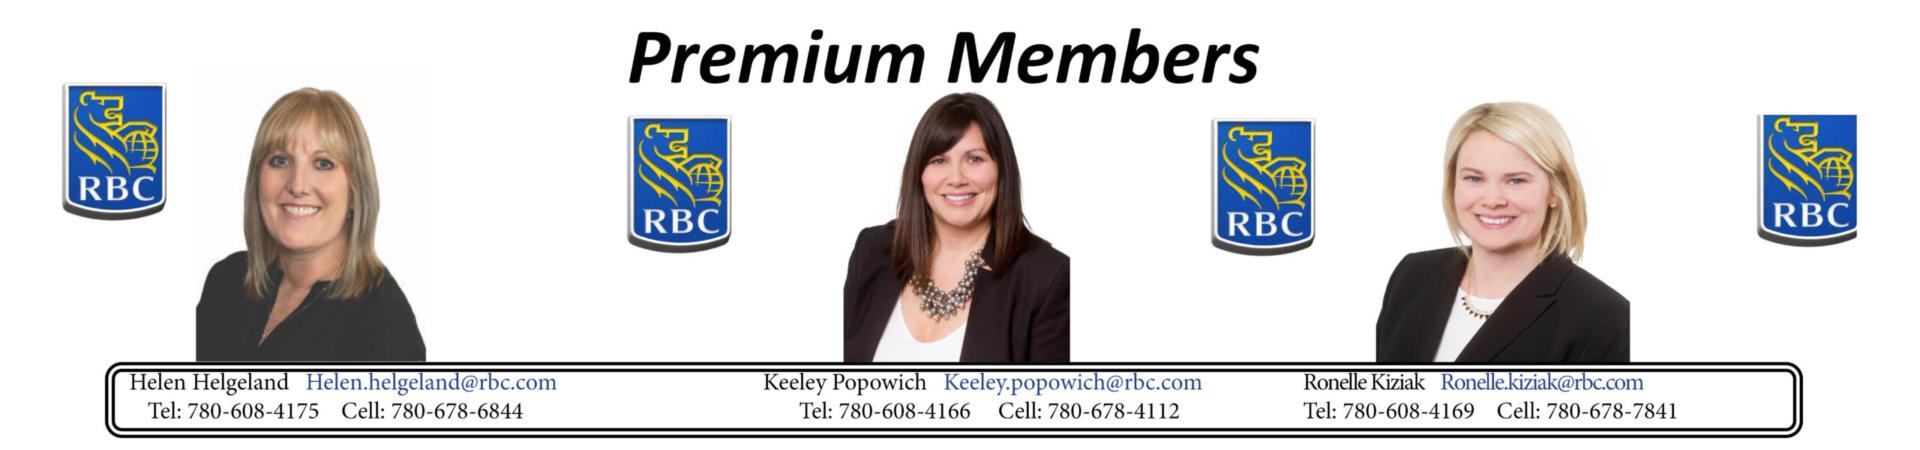 RBC Premium Members2